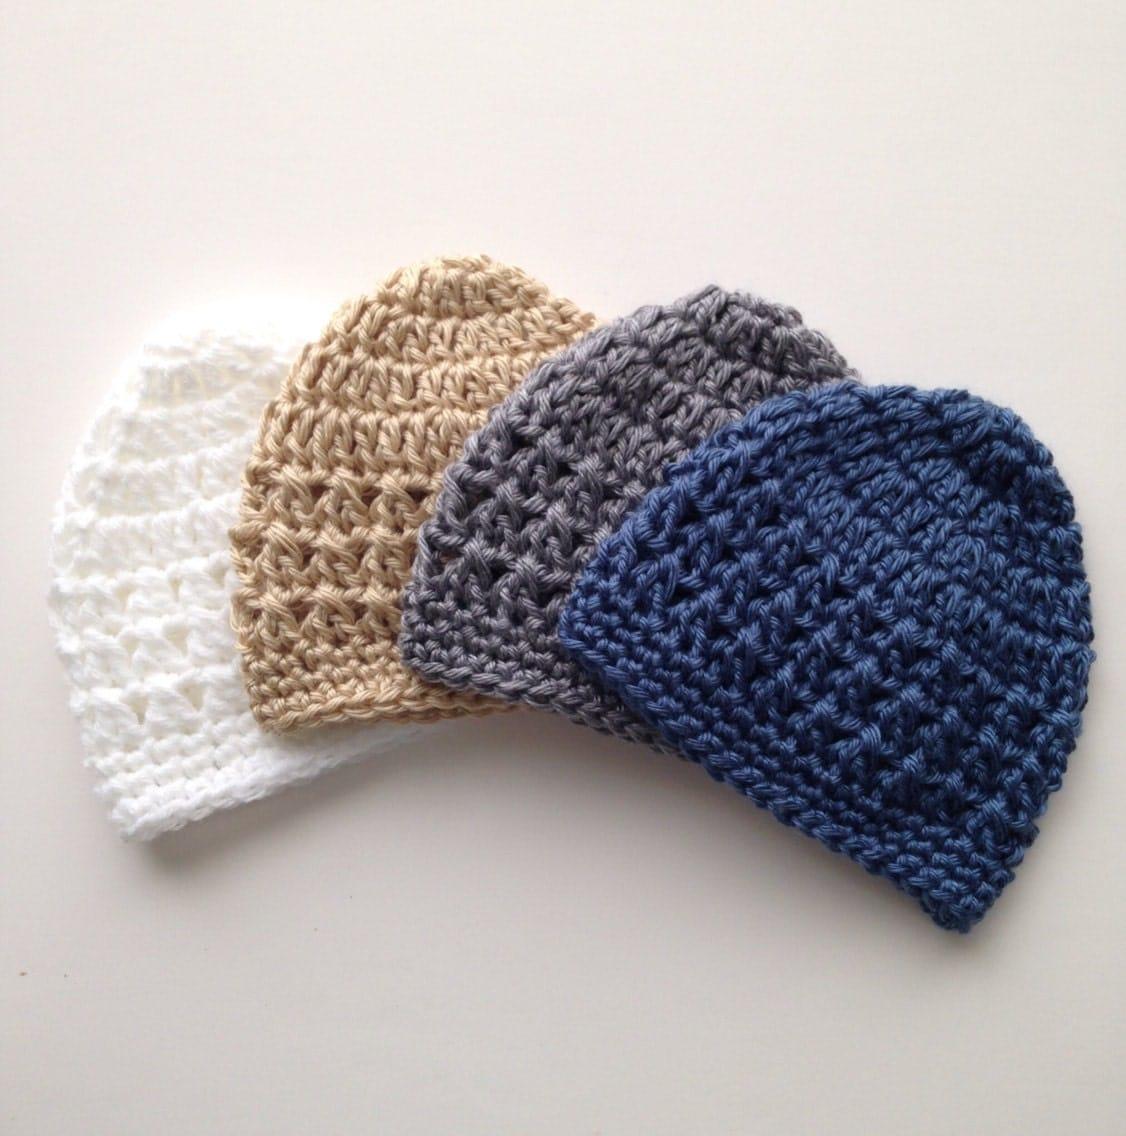 Baby Boy Crochet Hat Pattern Newborn up to 6 months